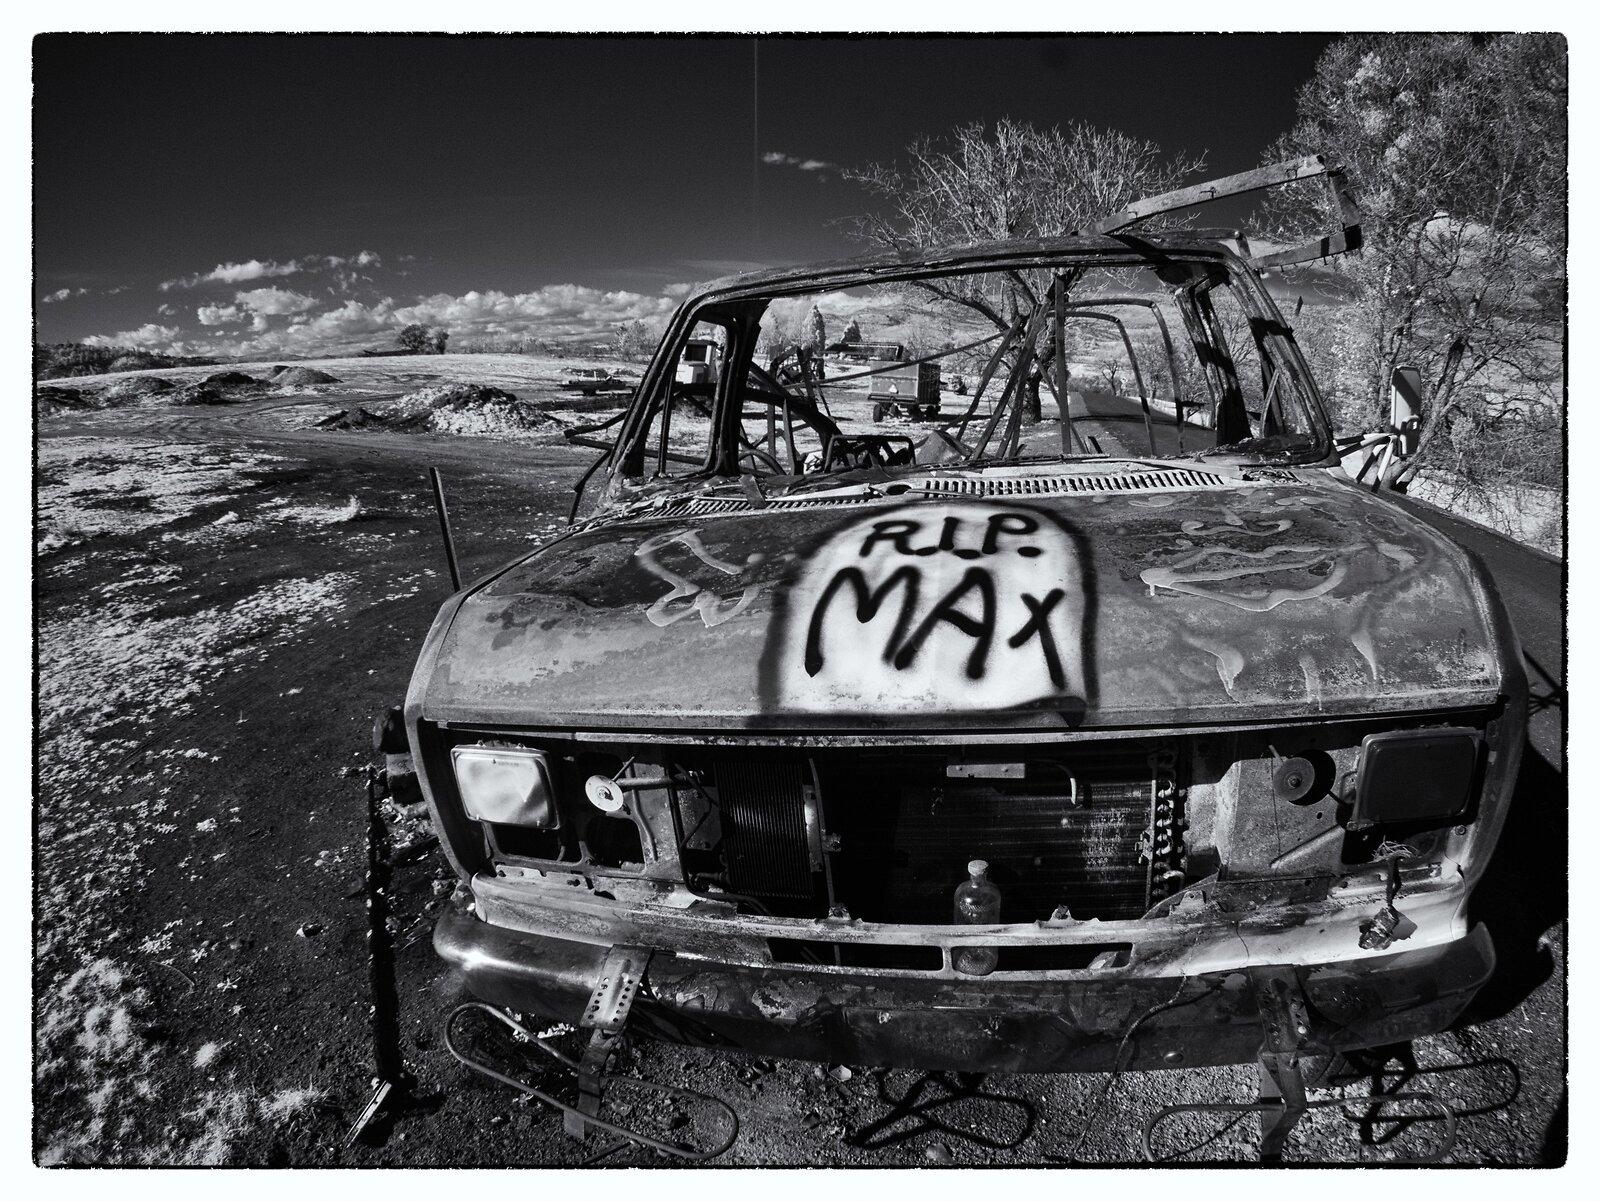 GX1_Feb25_21_R.I.P._MAX.jpg